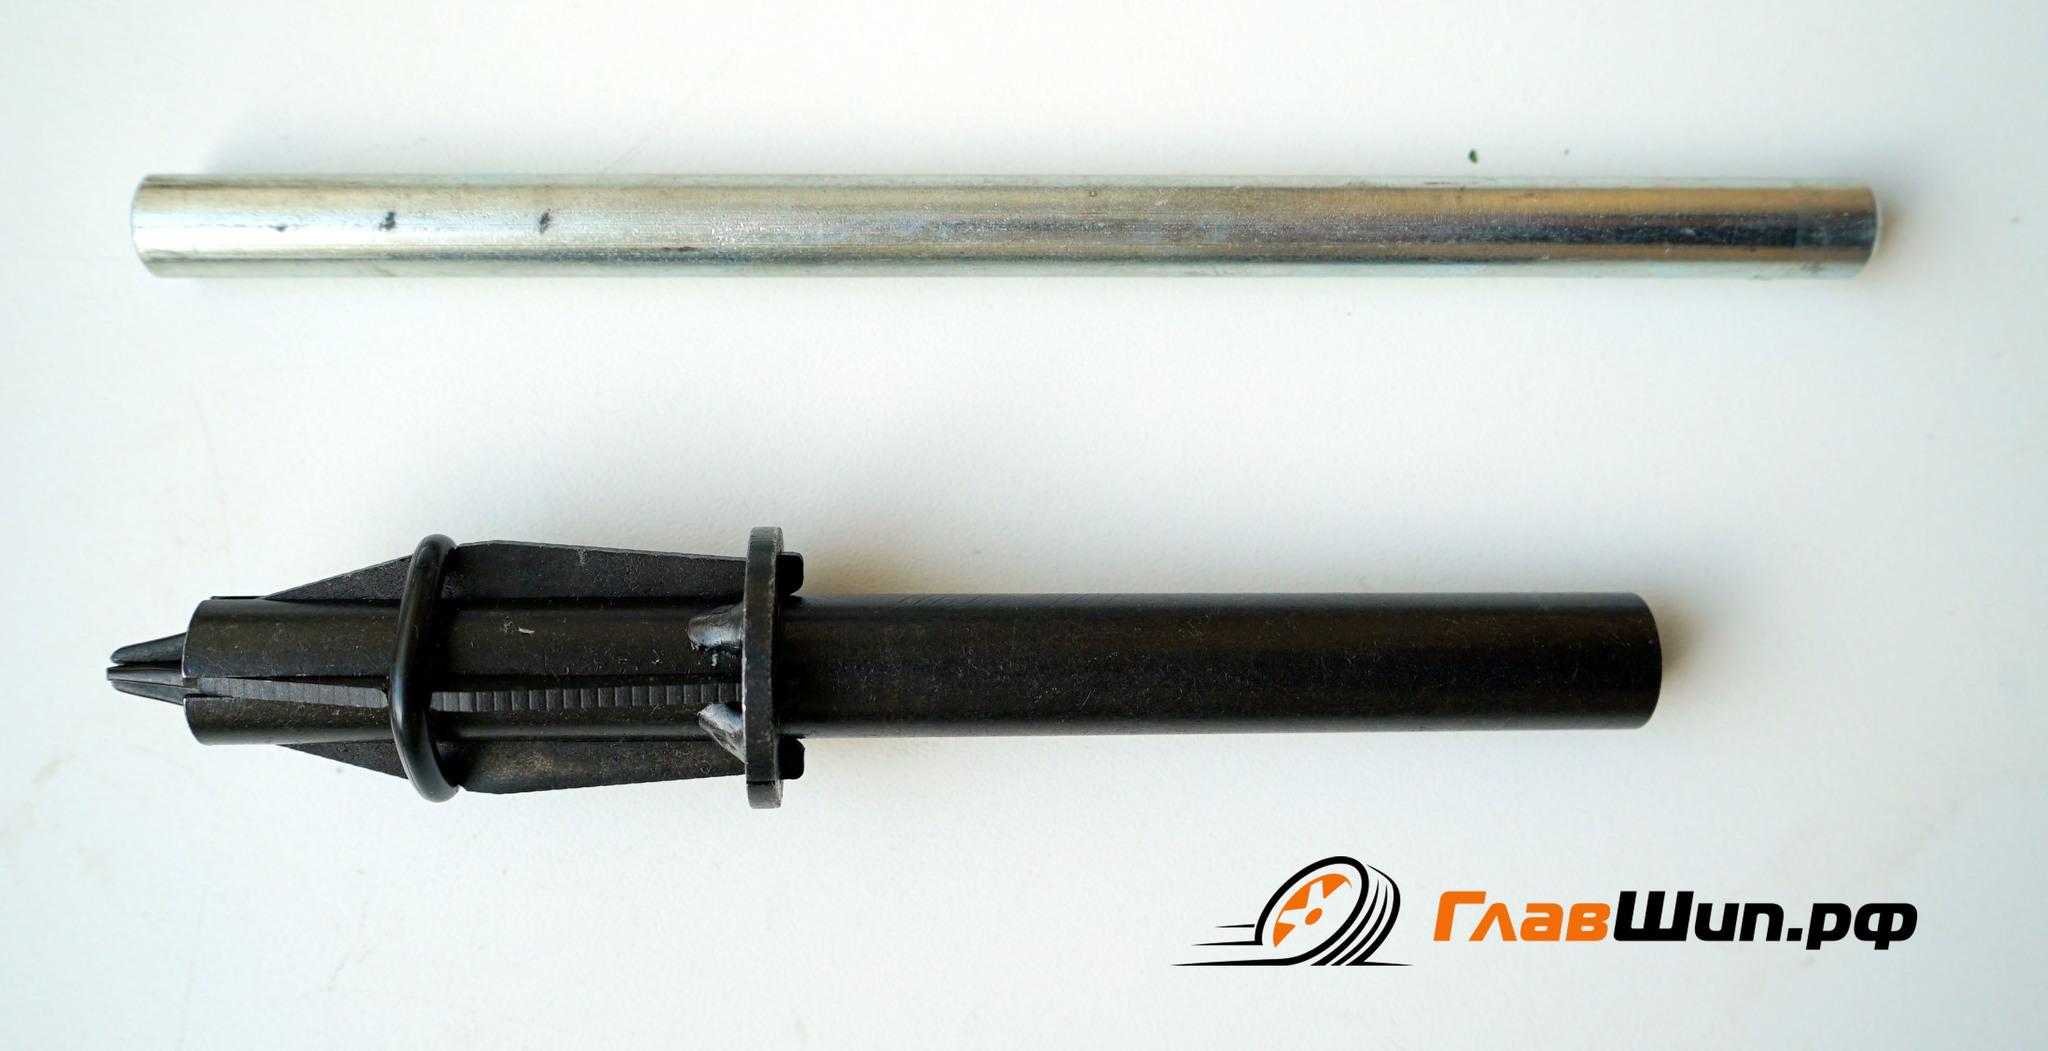 Ручное шиповальное устройство Мини, для установки ремонтных шипов.